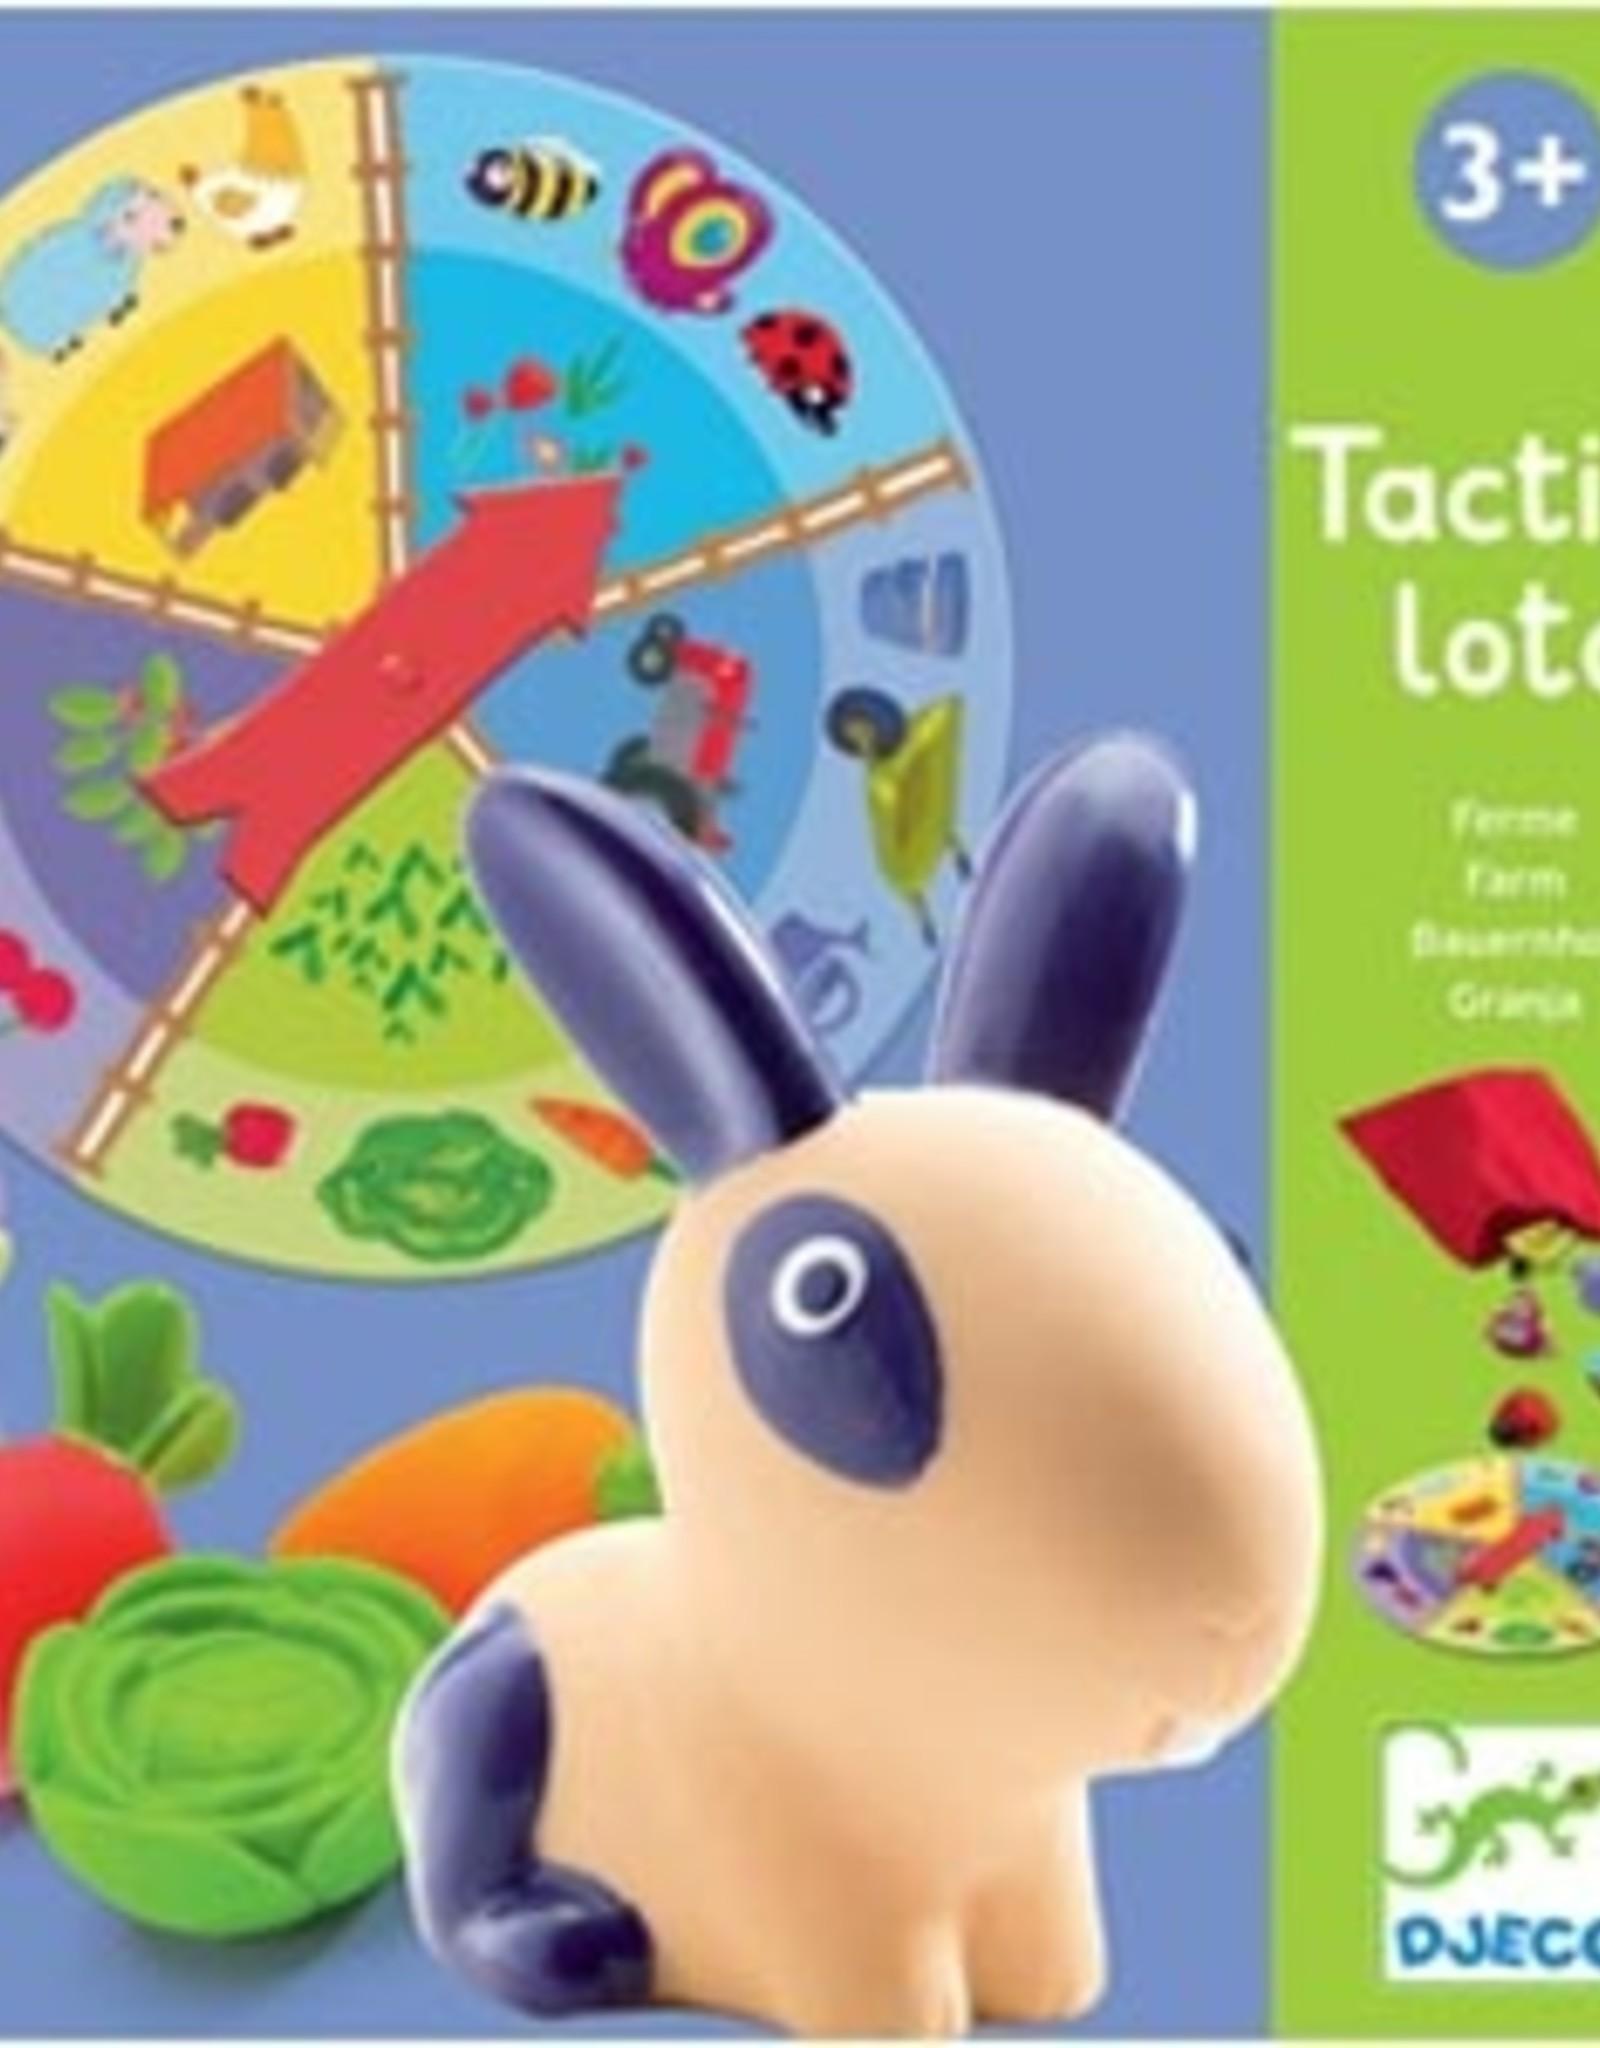 Djeco Djeco - Tactile Lotto Farm Game